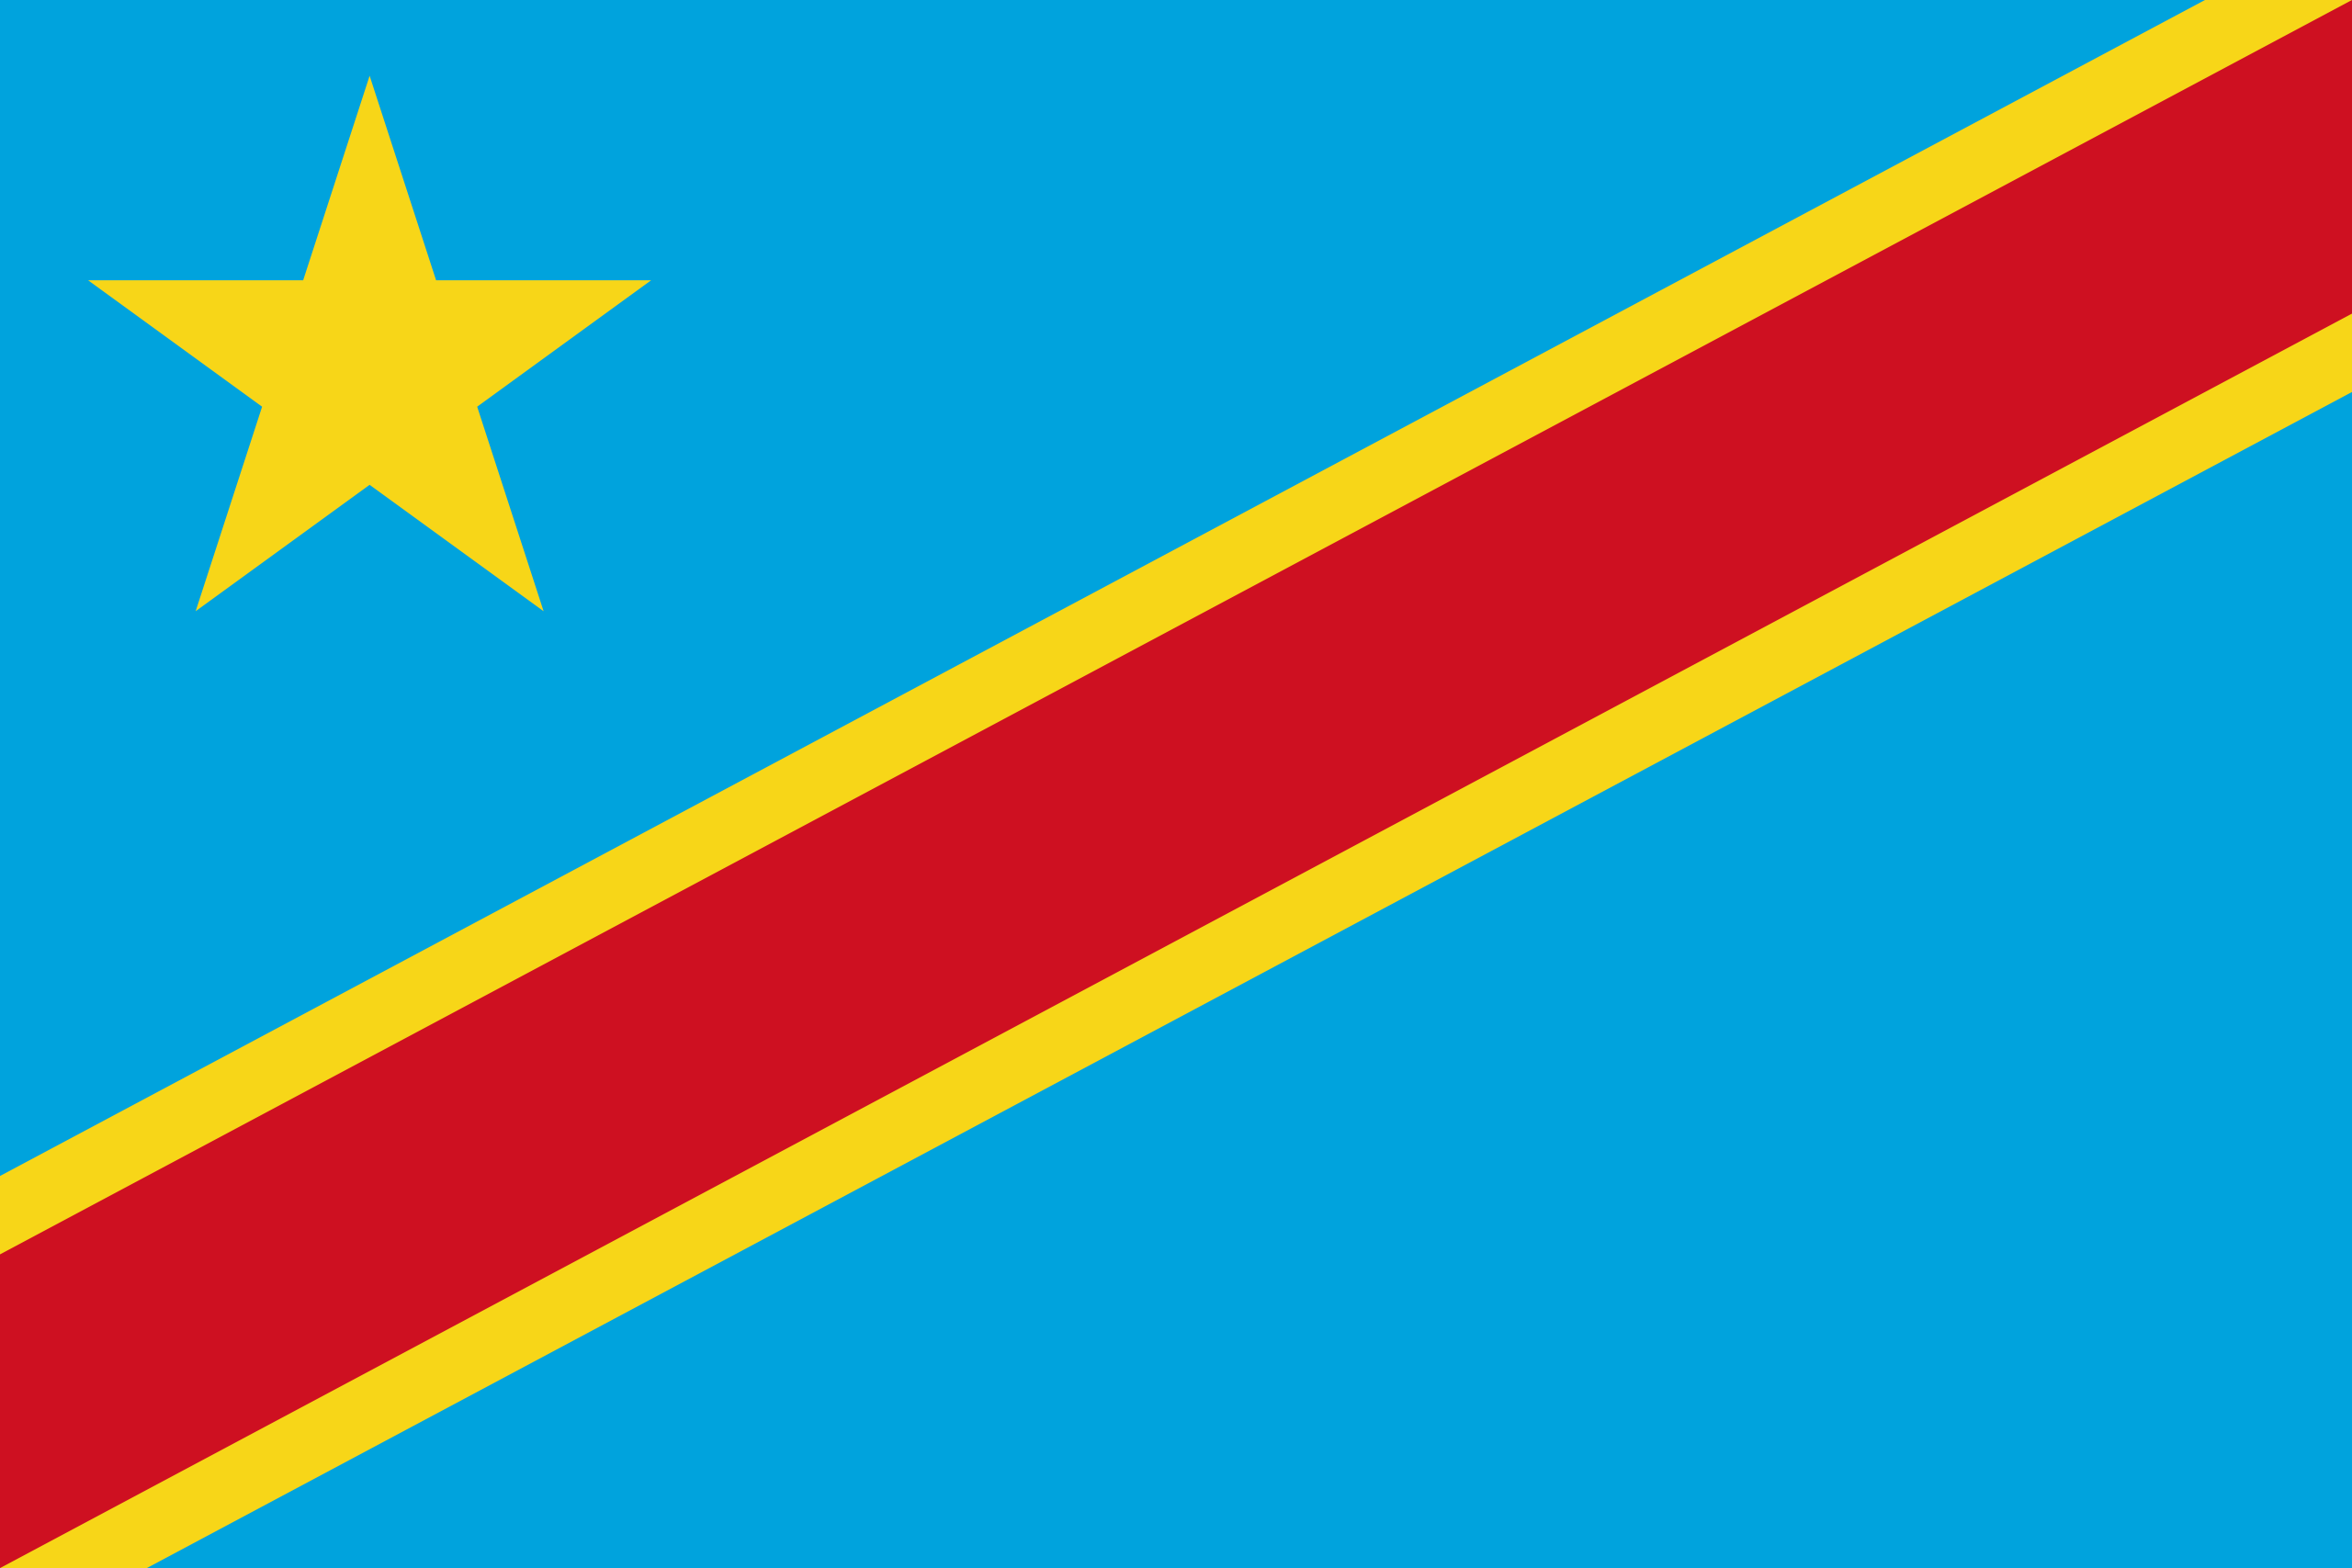 república democrática del congo, pays, emblème, logo, symbole - Fonds d'écran HD - Professor-falken.com